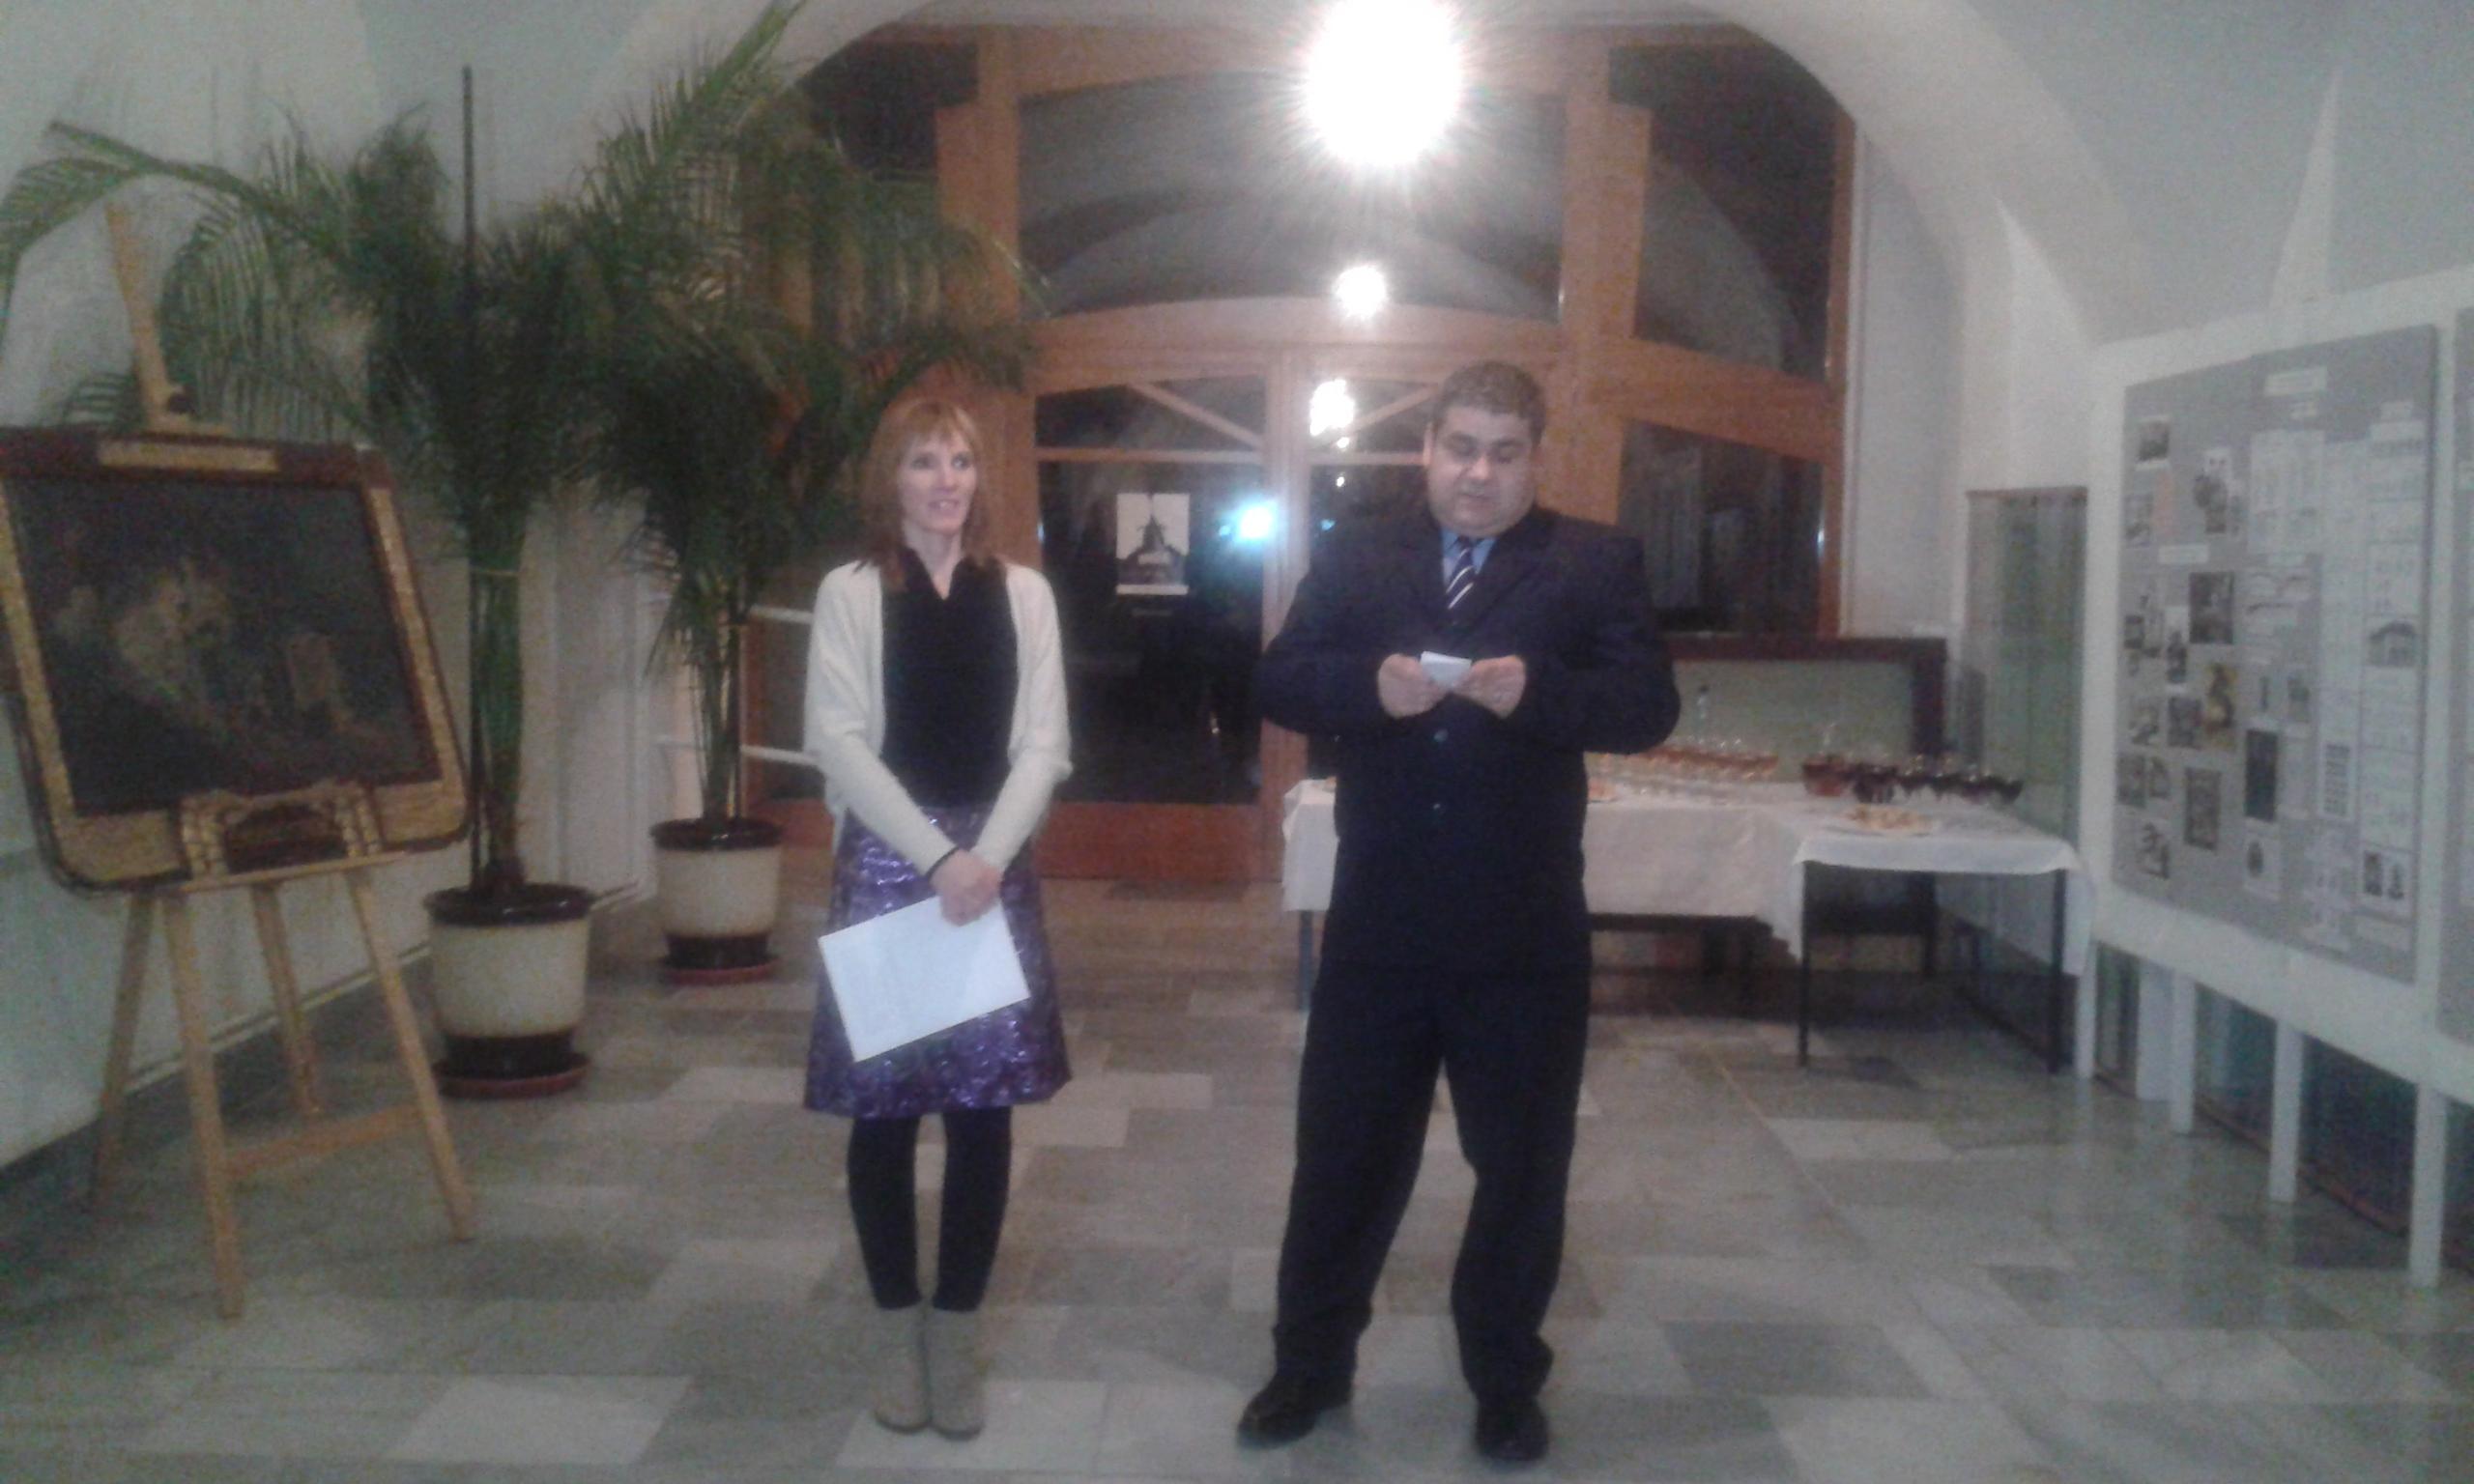 Megnyitó - Kovács Ágnes a kiállítás kurátora és Pavol Lackanič a múzeum igazgatója